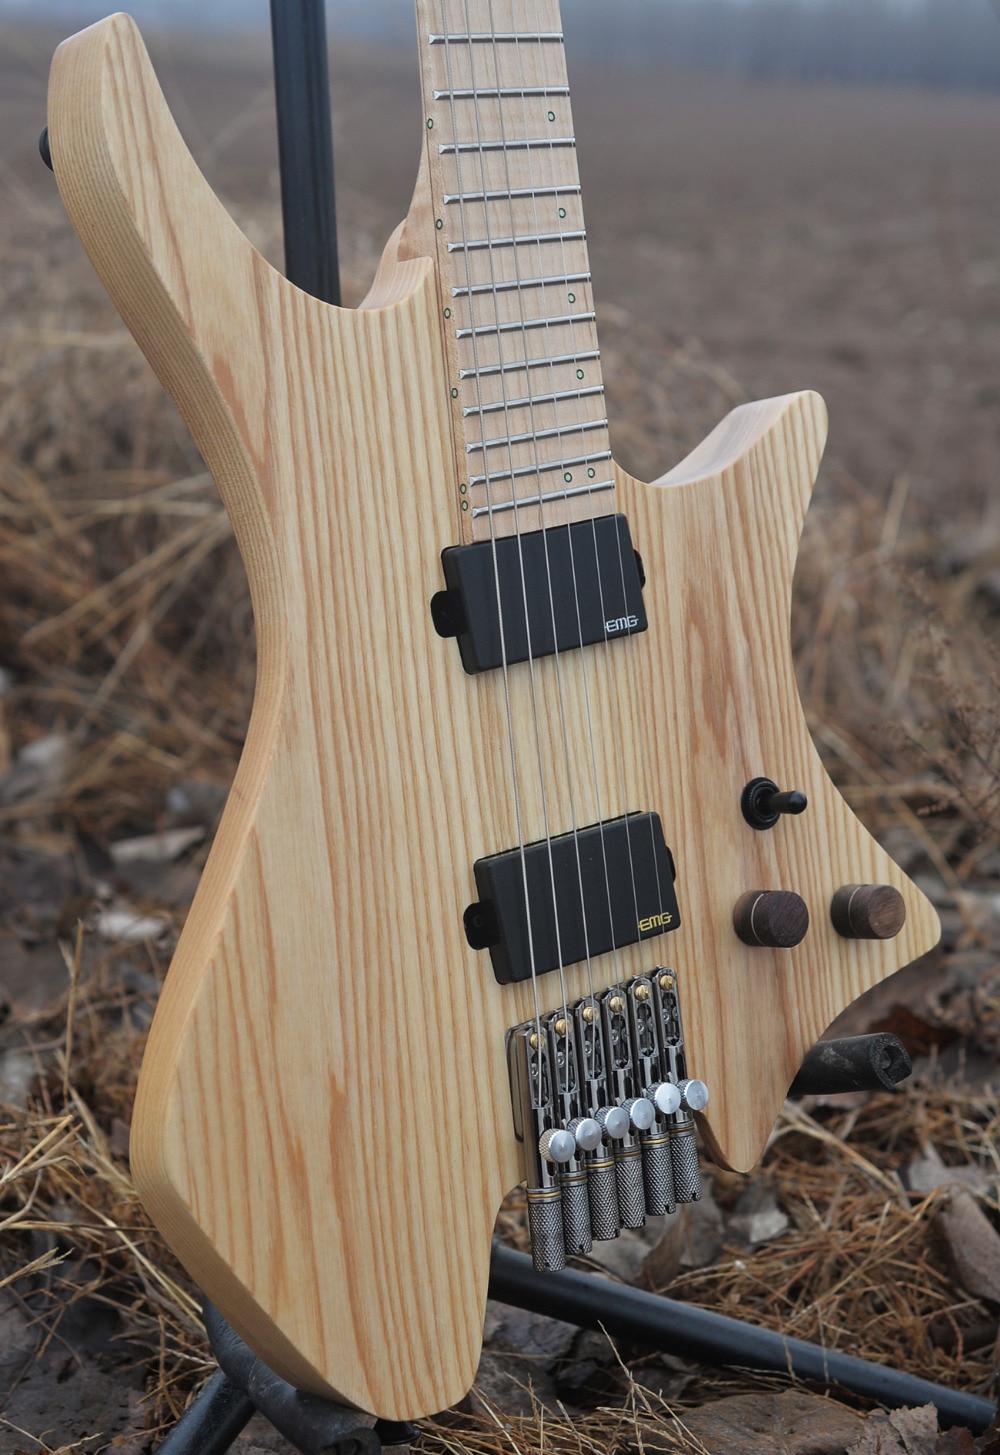 2018 nuevo NK sin guitarra avivado te preocupes guitarras modelo de madera de Color claro llama cuello de arce guitarra envío gratis